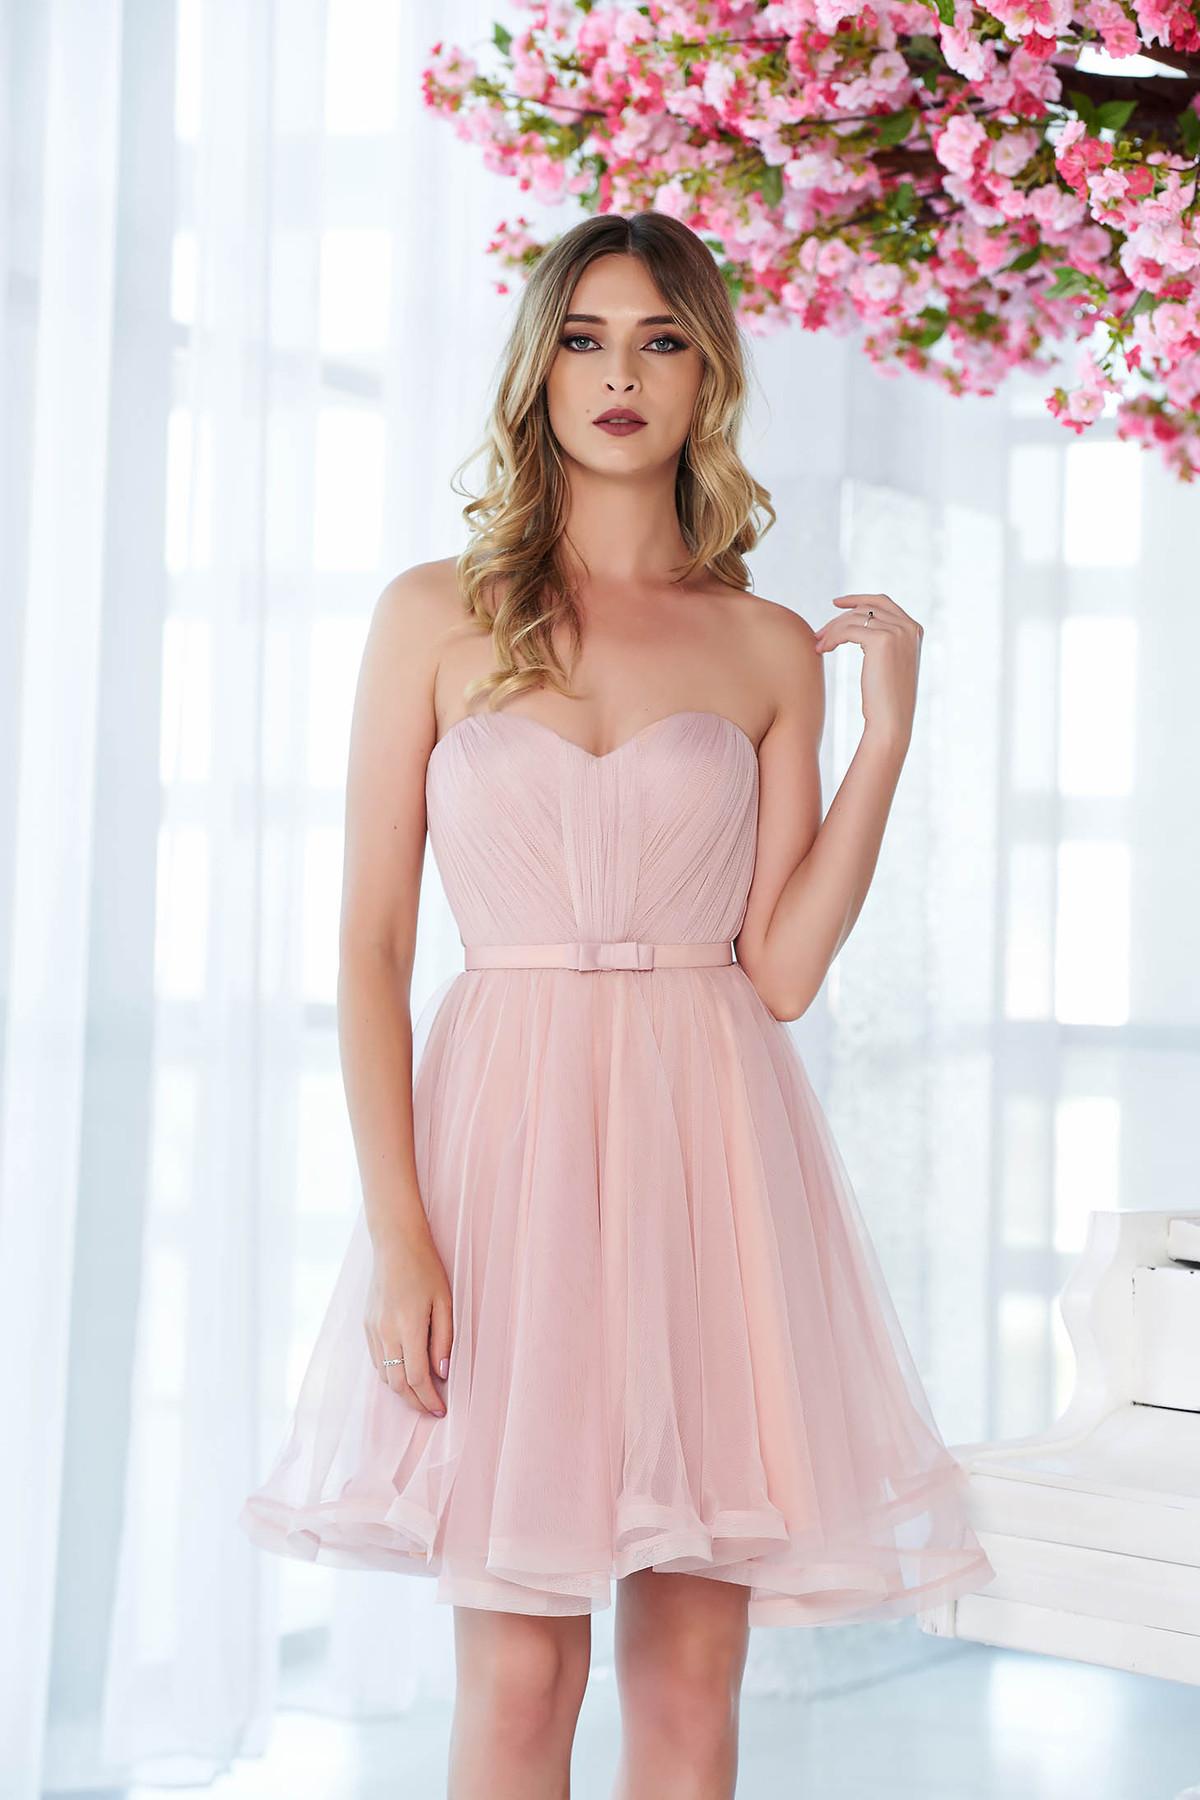 Rochie Ana Radu rosa de lux tip corset din tul captusita pe interior cu bust buretat accesorizata cu cordon